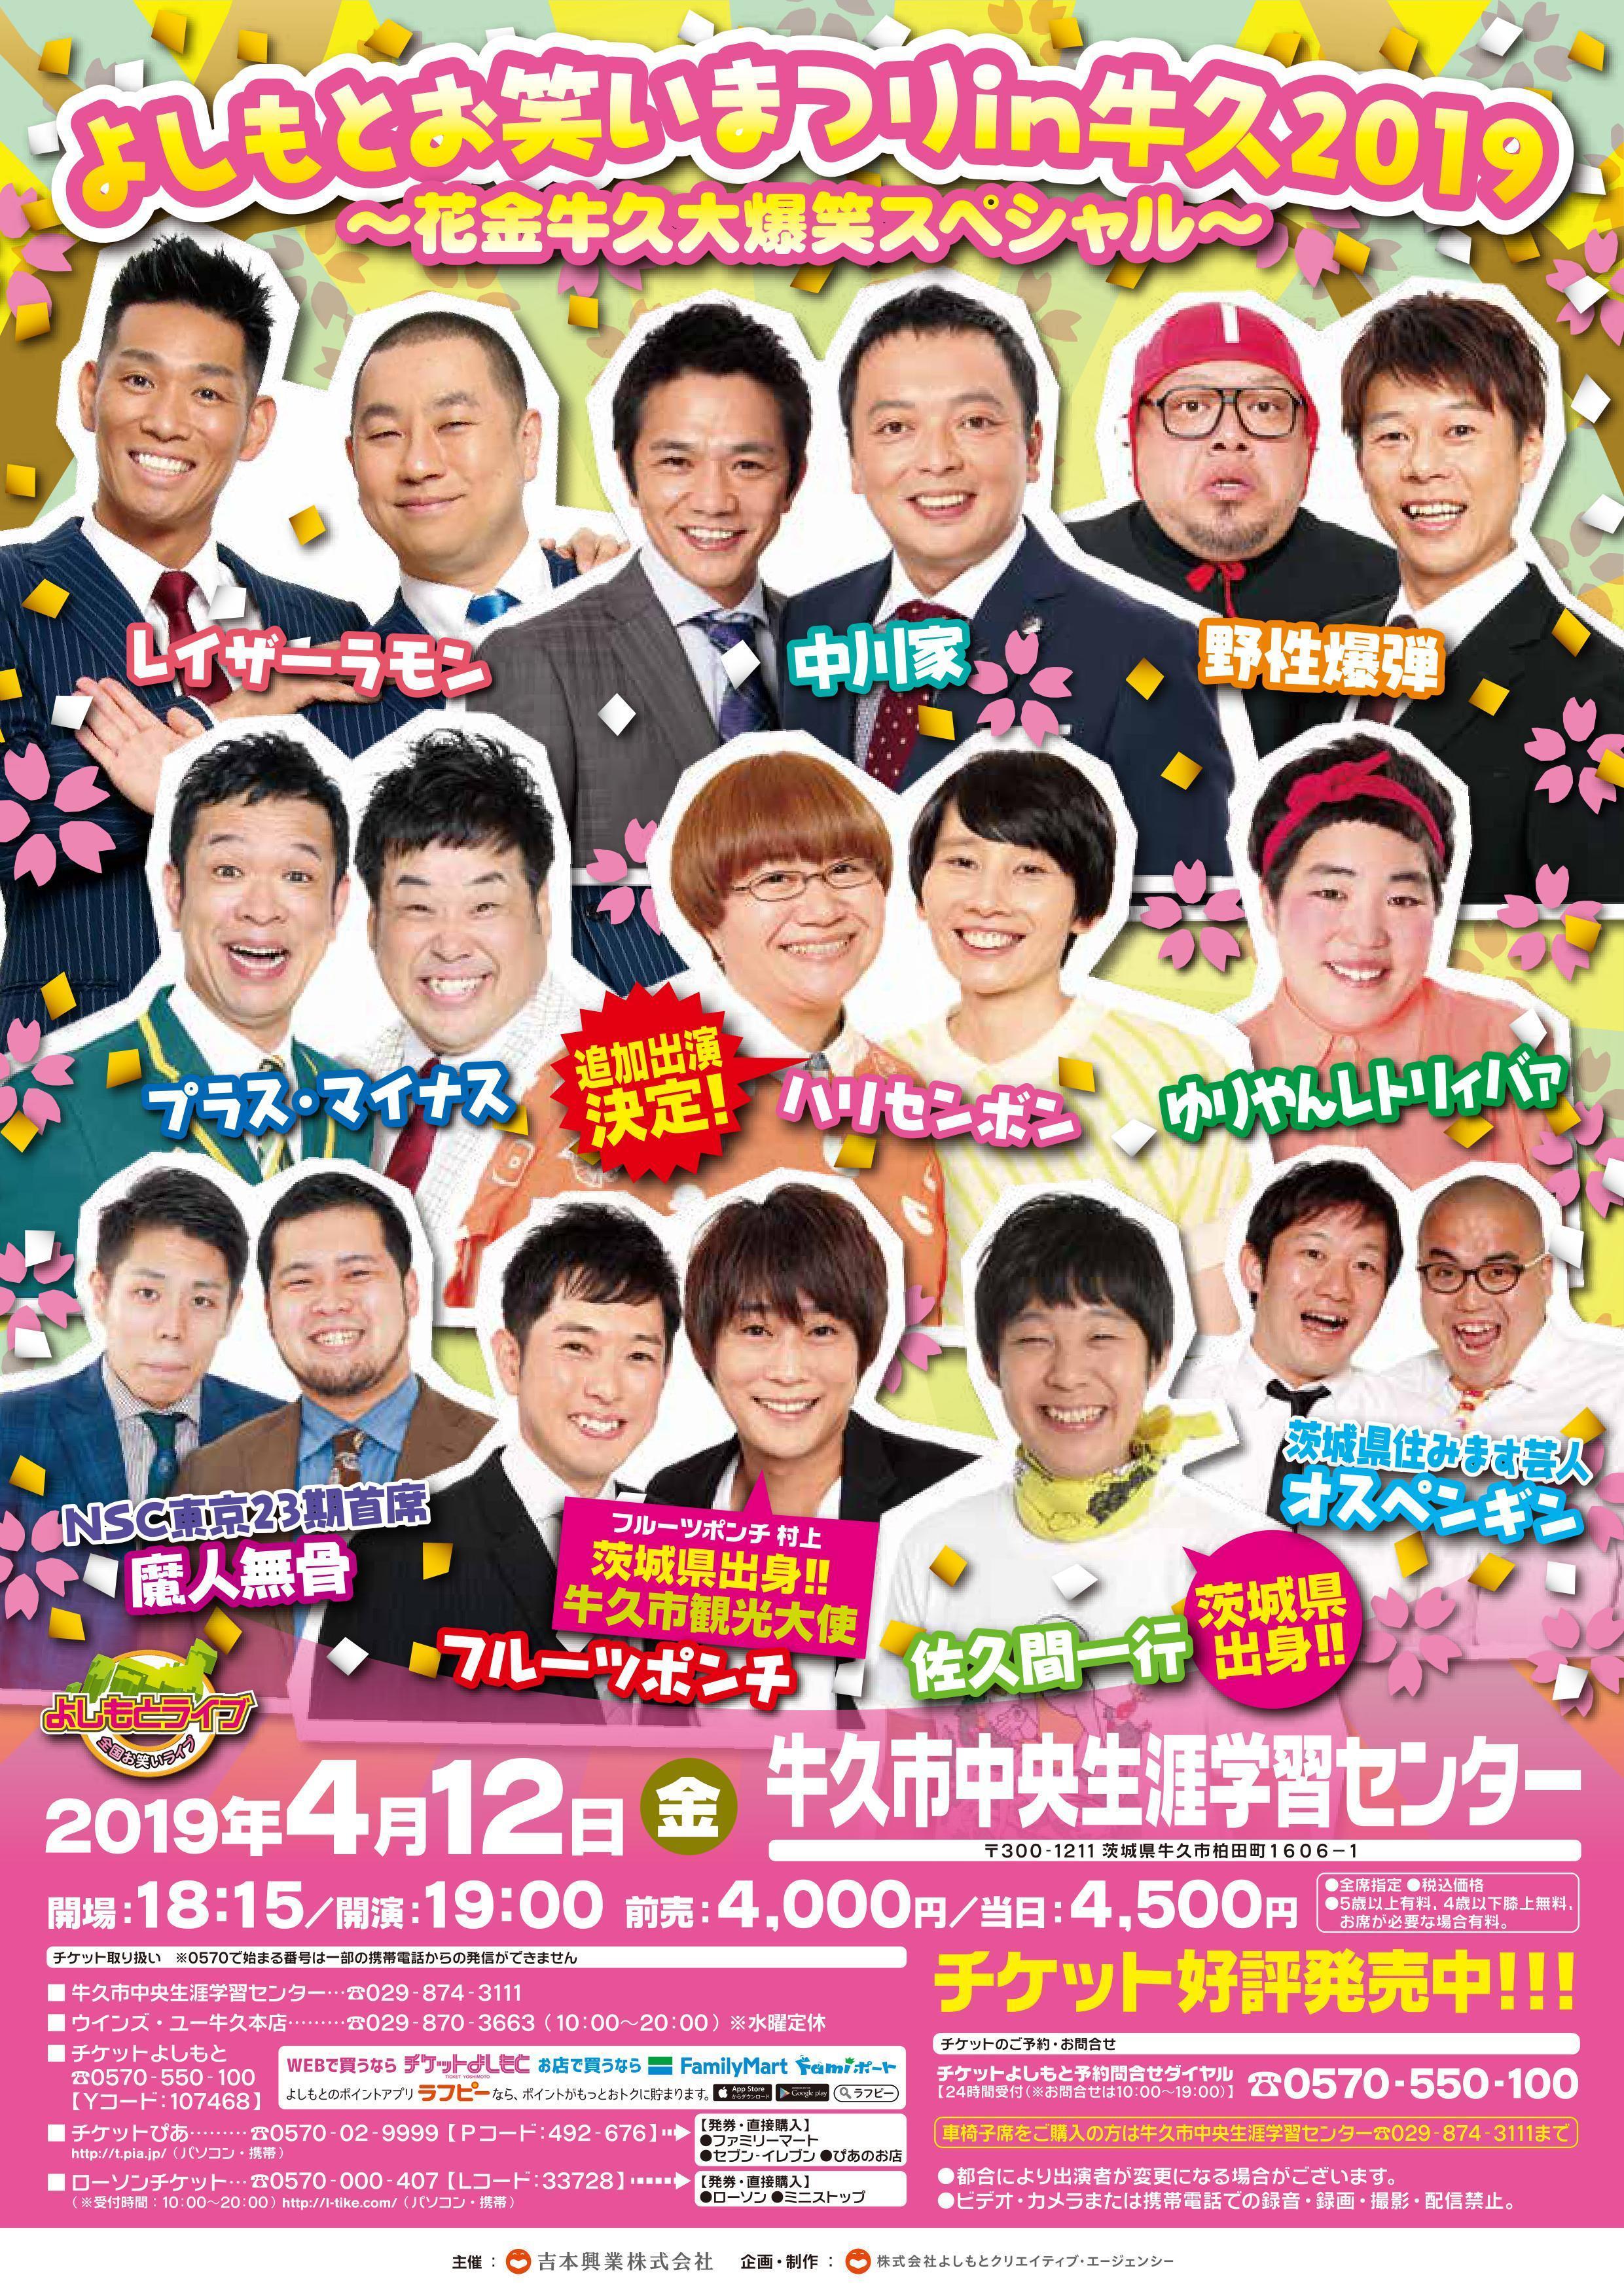 http://www.syumatsu.jp/20190318151029-bca6d8d734a13bc68c6f84d56d994d231dbbc4d7.jpg